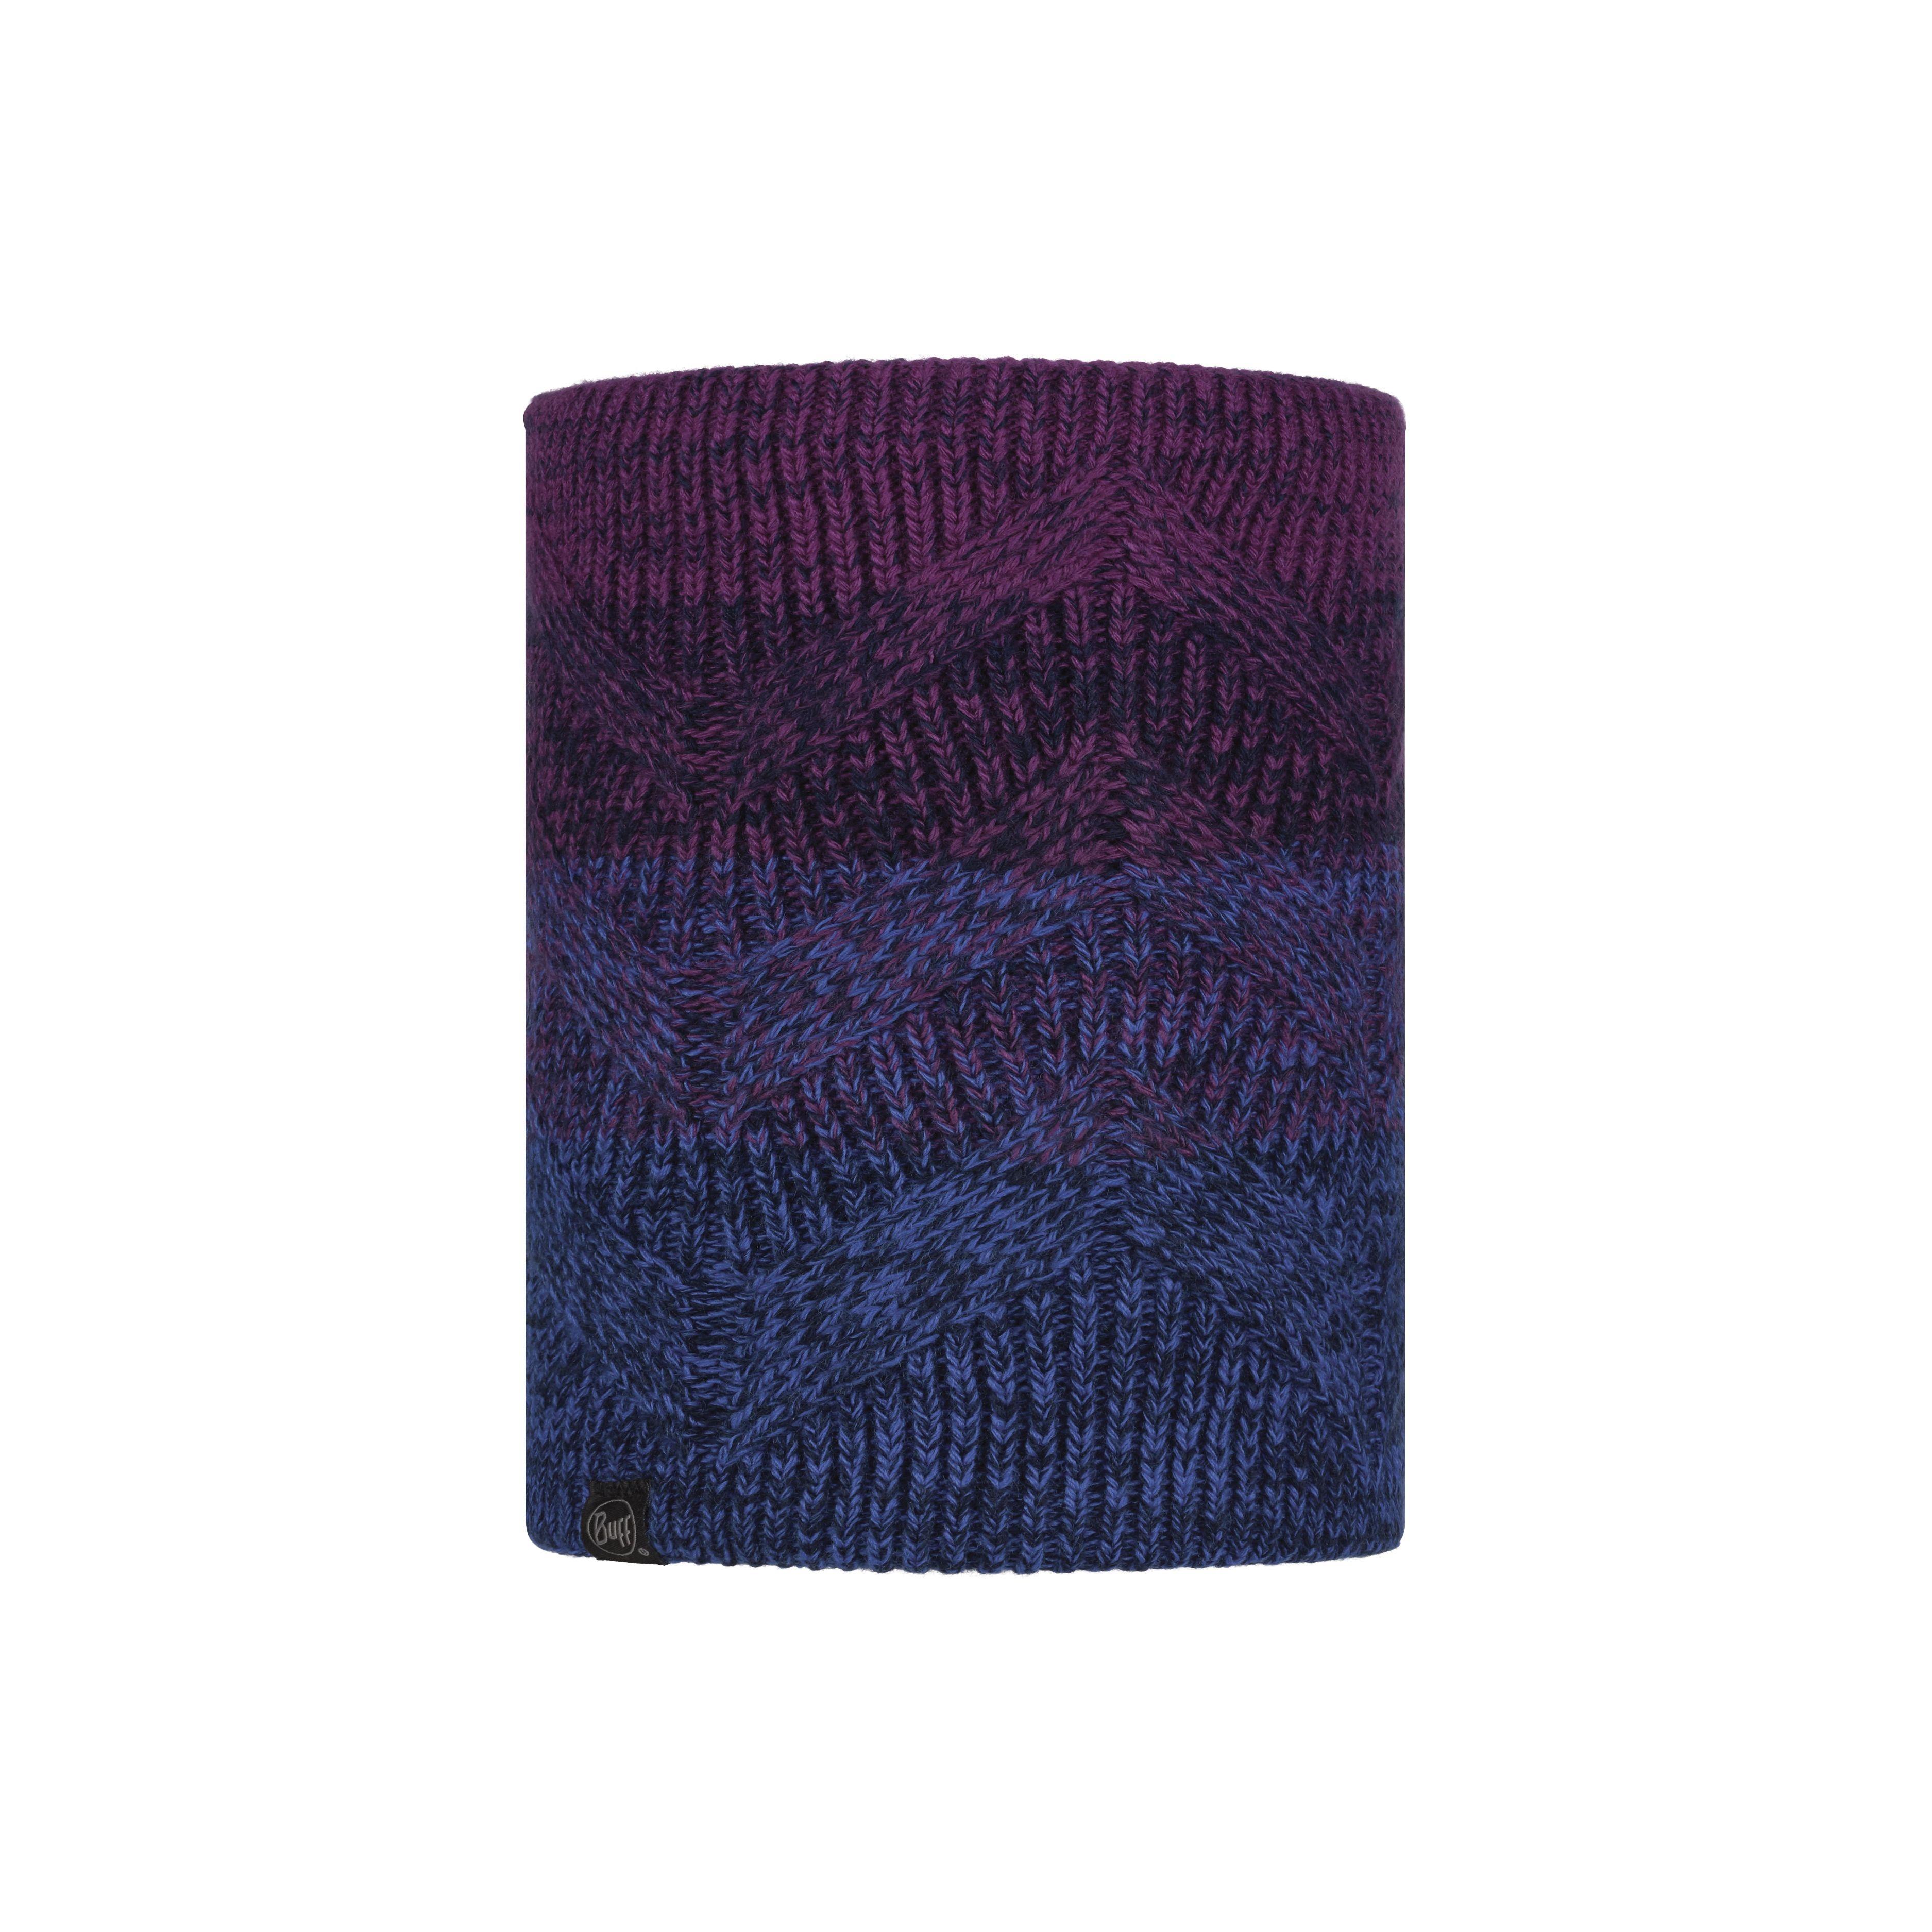 Masha Purplish Knitted Polar Neckwarmer